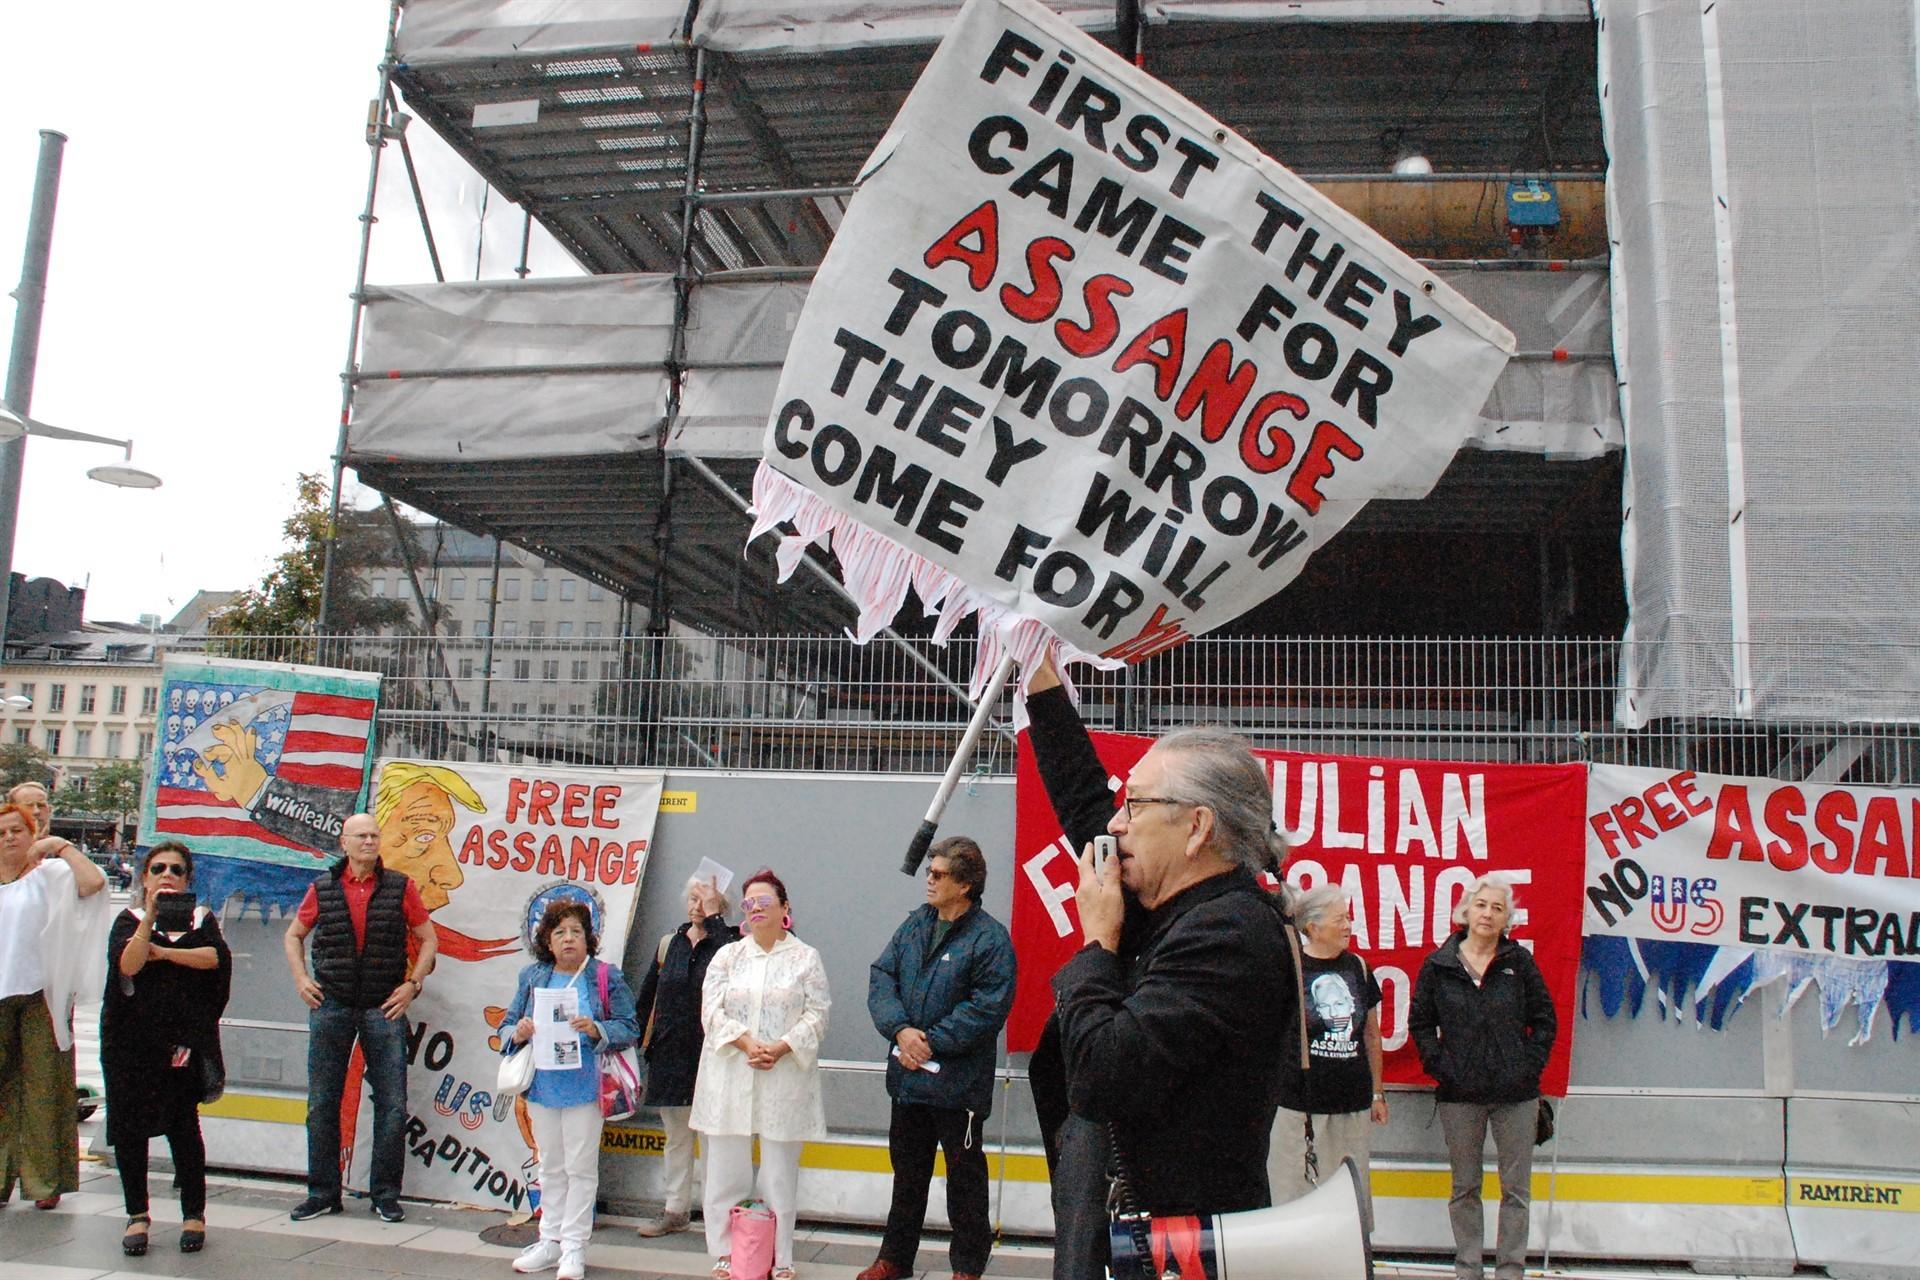 Stockholm'de Julian Assange ve ifade özgürlüğü için eylem